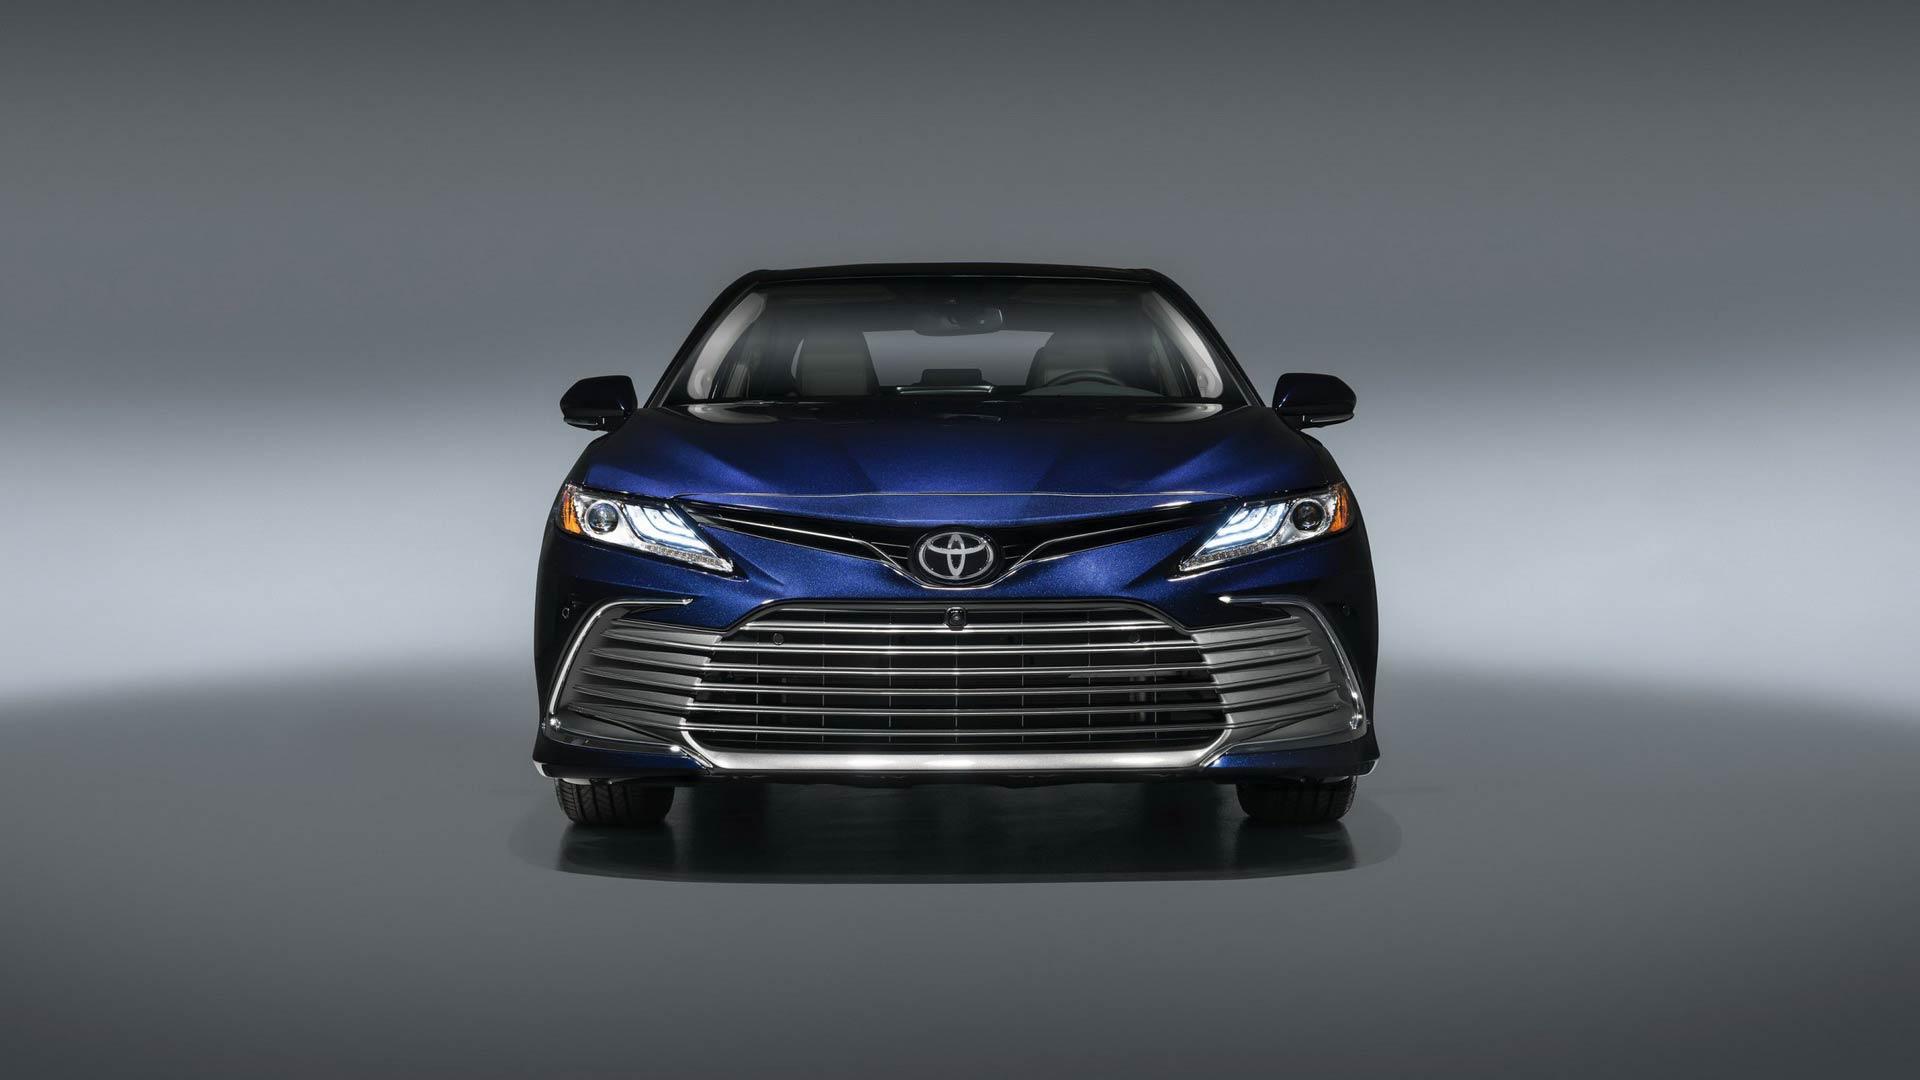 Toyota Camry 2021 ra mắt: Thêm công nghệ, quyết đấu Honda Accord